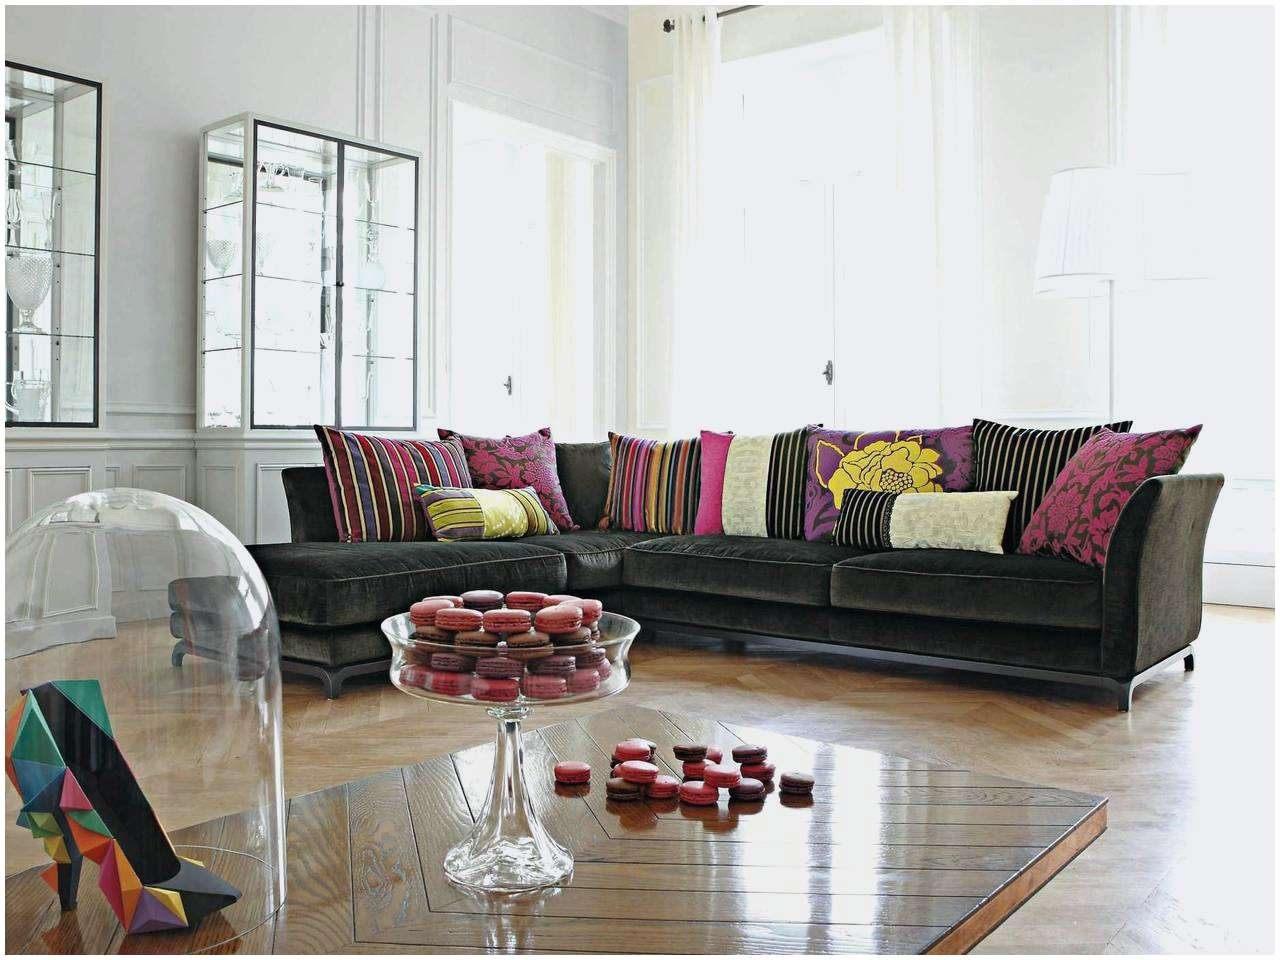 Lit Superposé Maison Du Monde Le Luxe Impressionnant 20 Inspirant Lit Superposé Clic Clac Adana Estepona